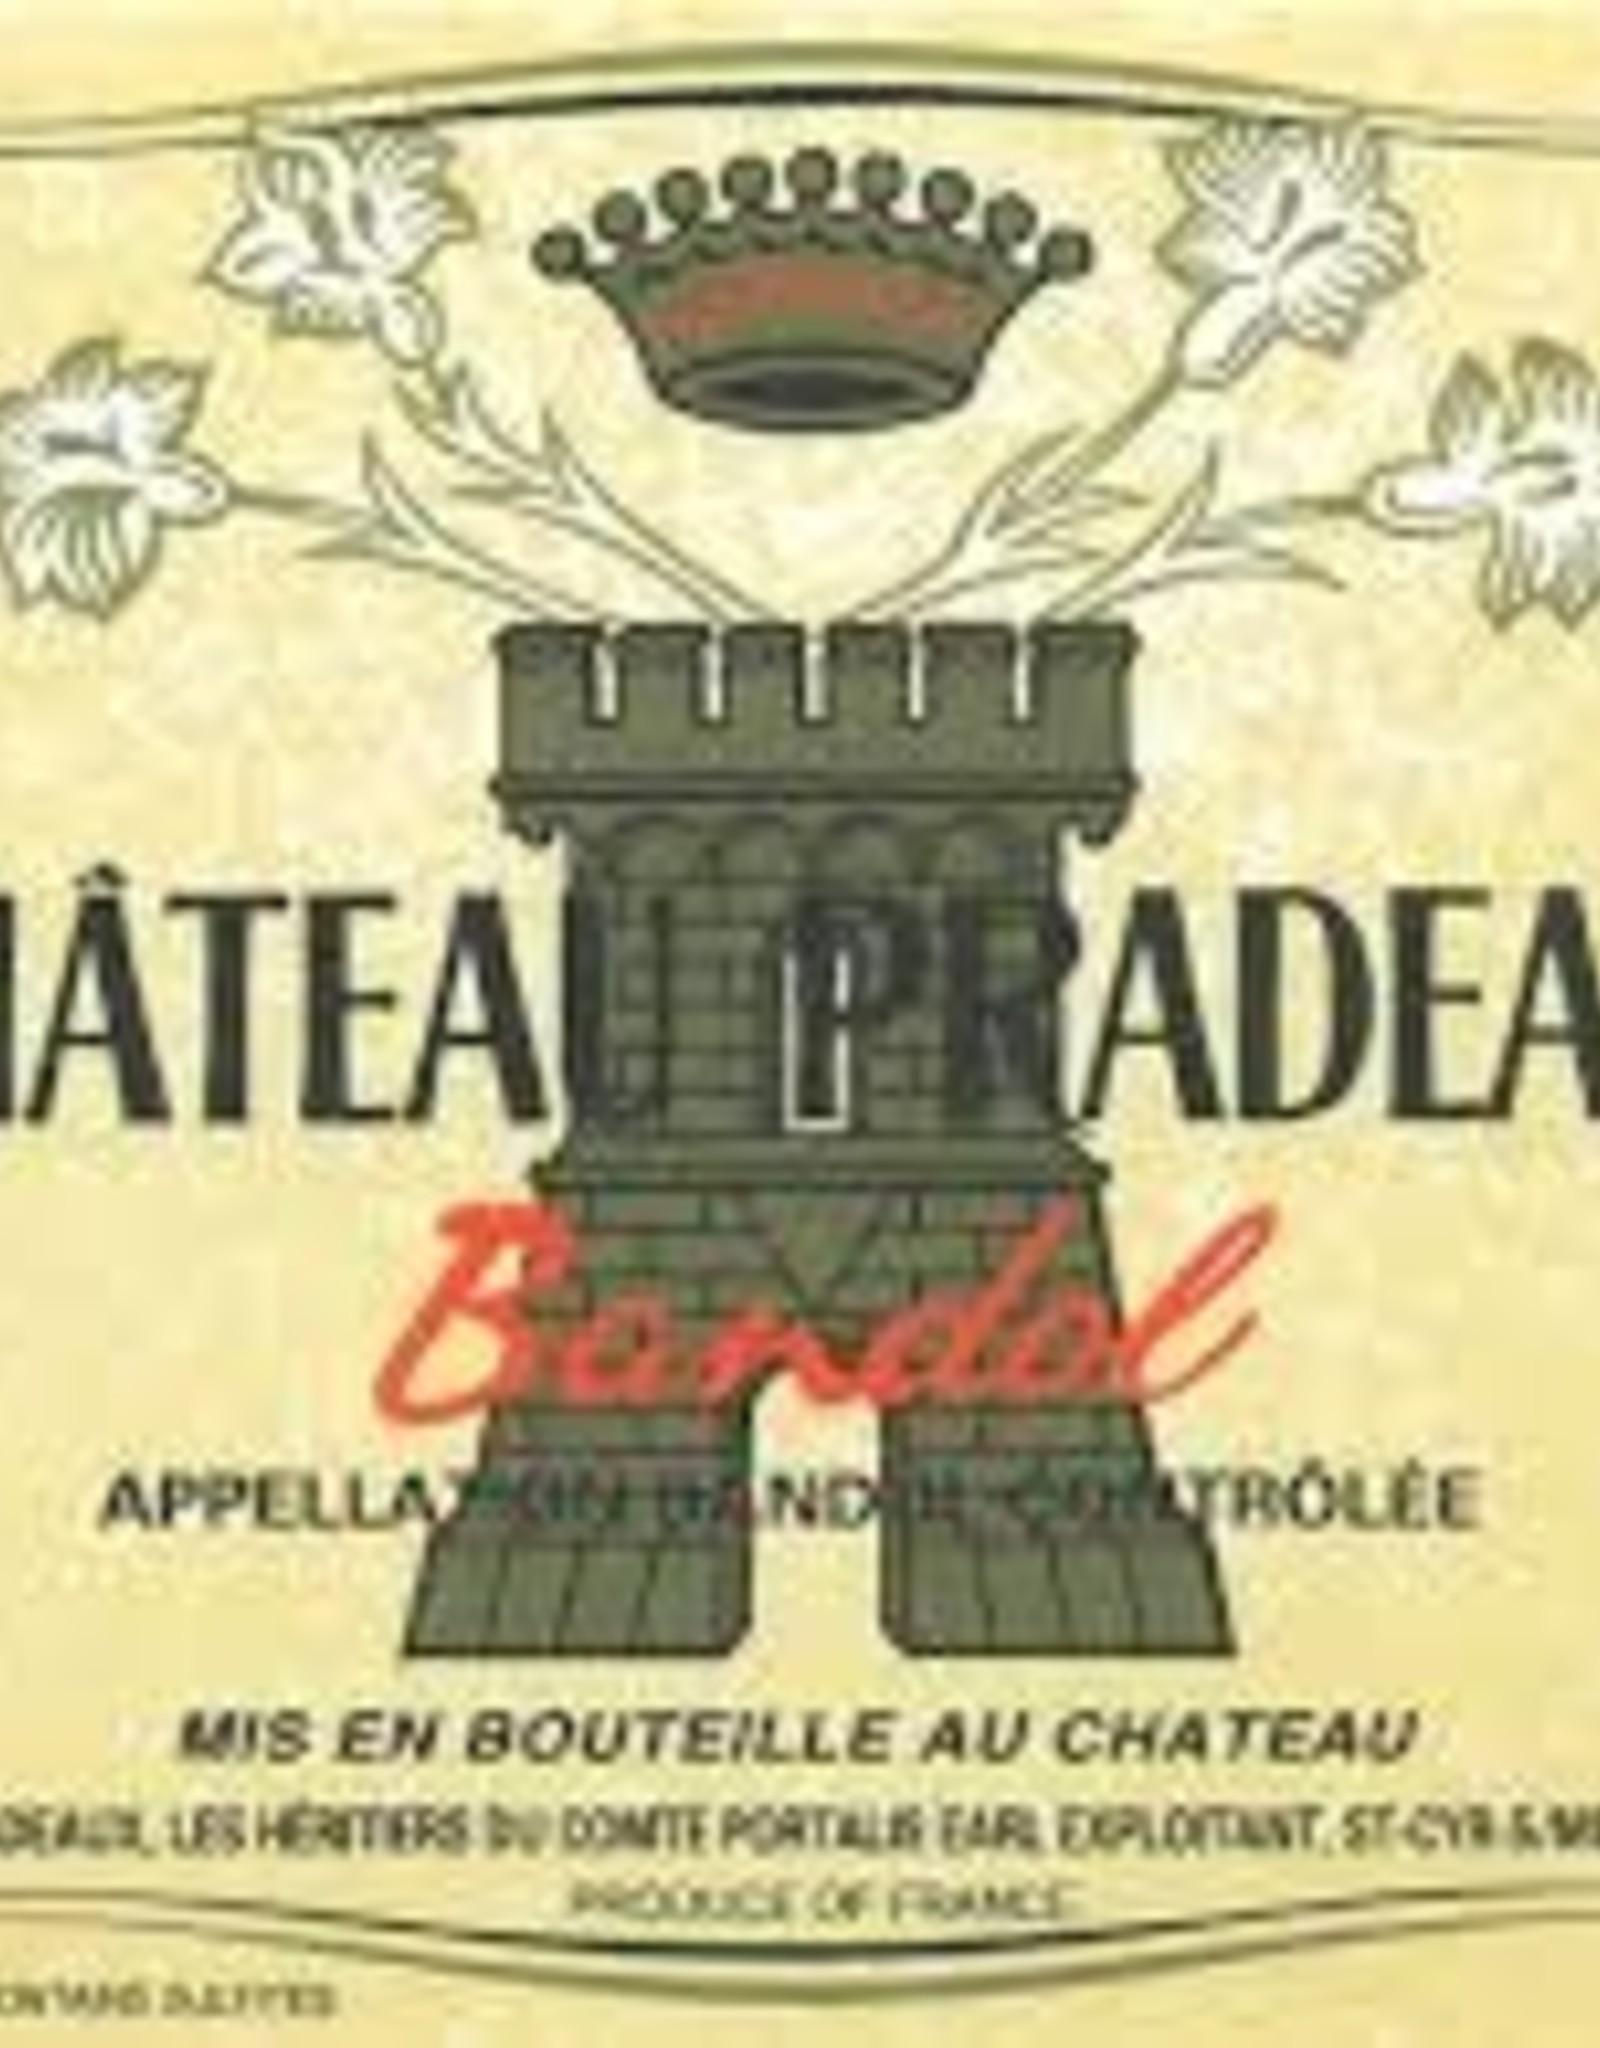 Bandol Rouge, Pradeaux 2013 (1.5 L)